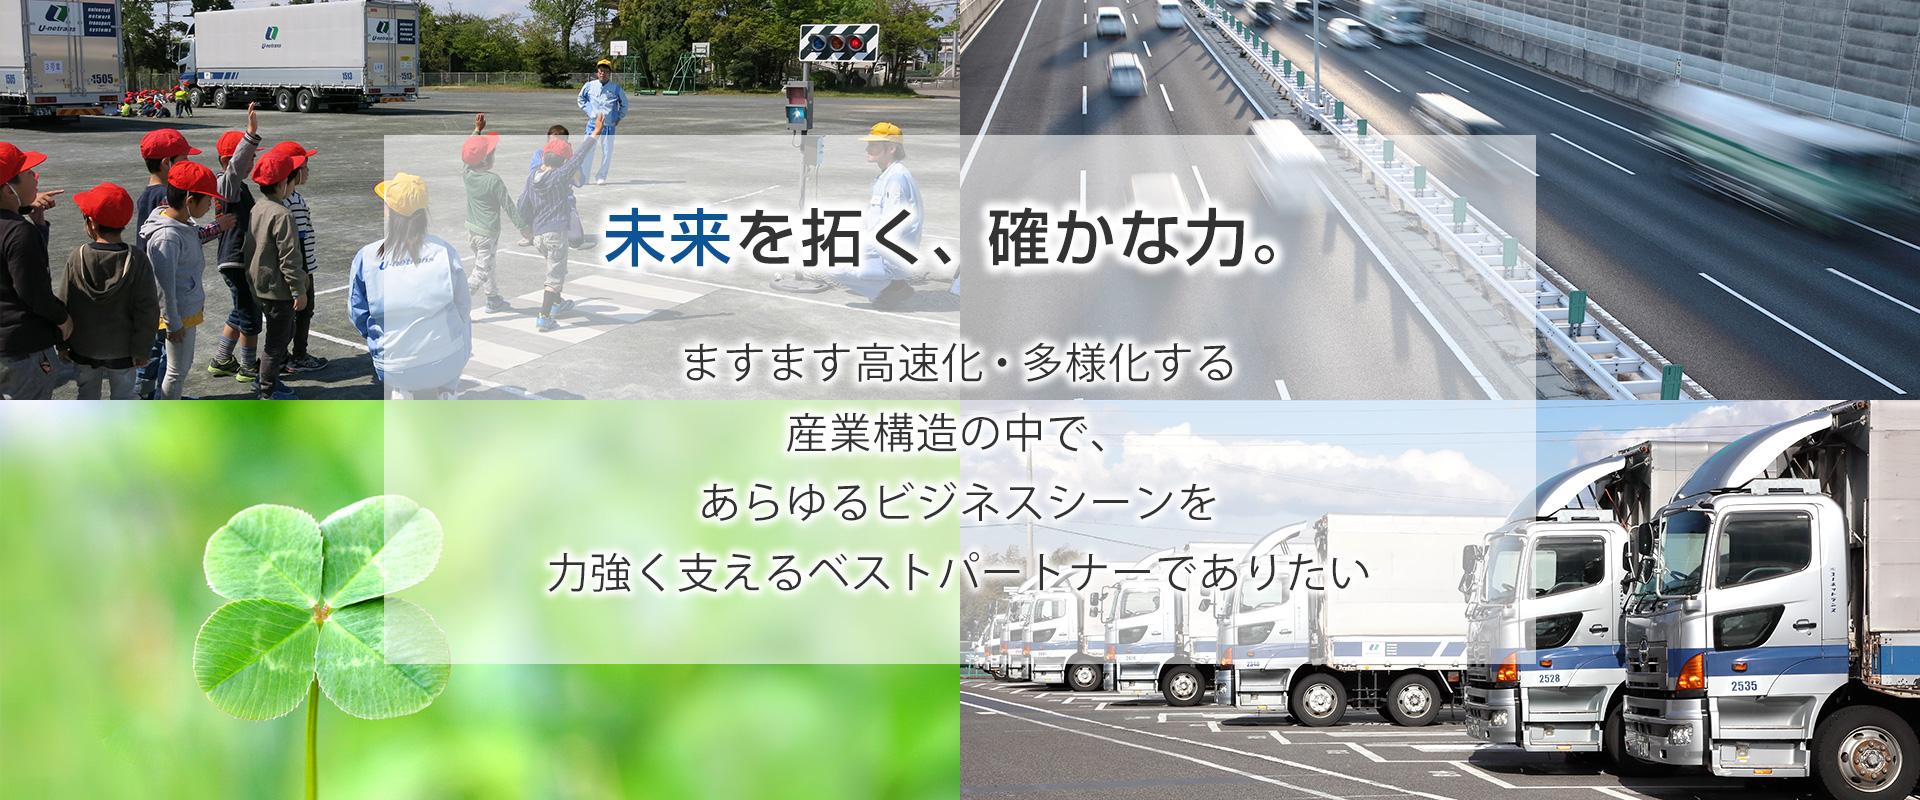 トランス ユー ネット